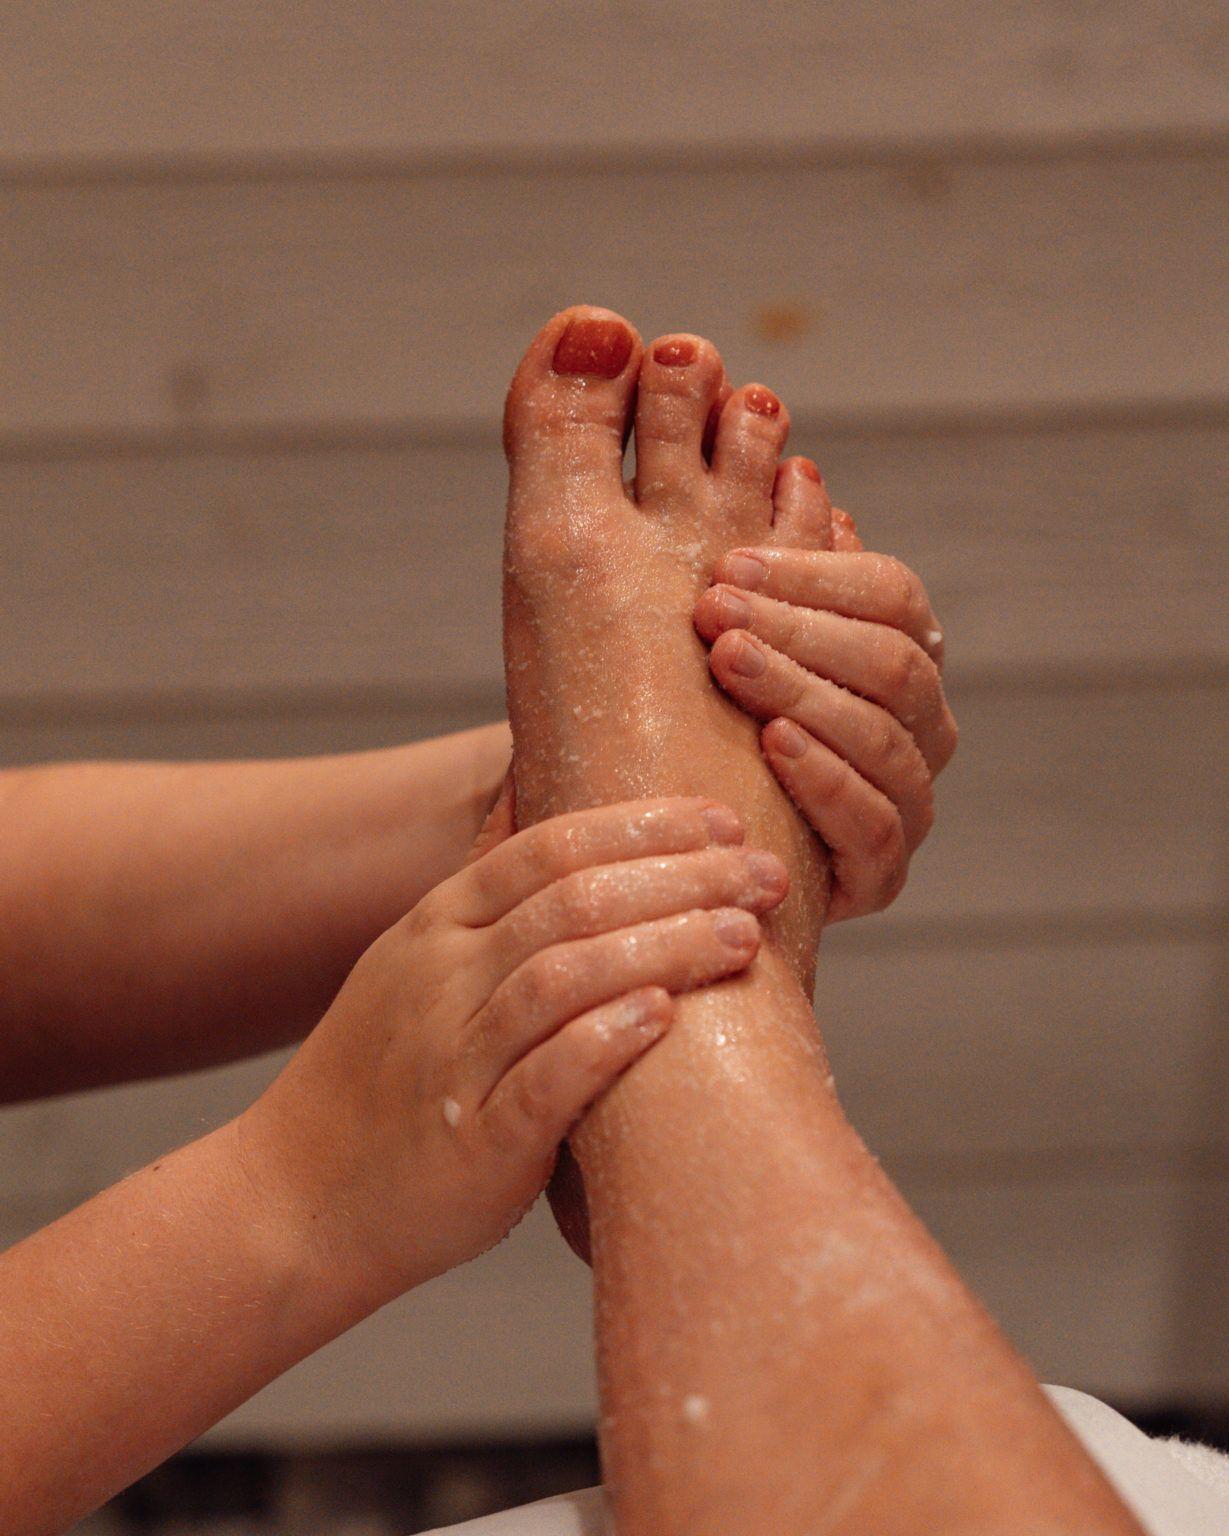 Händer masserar en fot